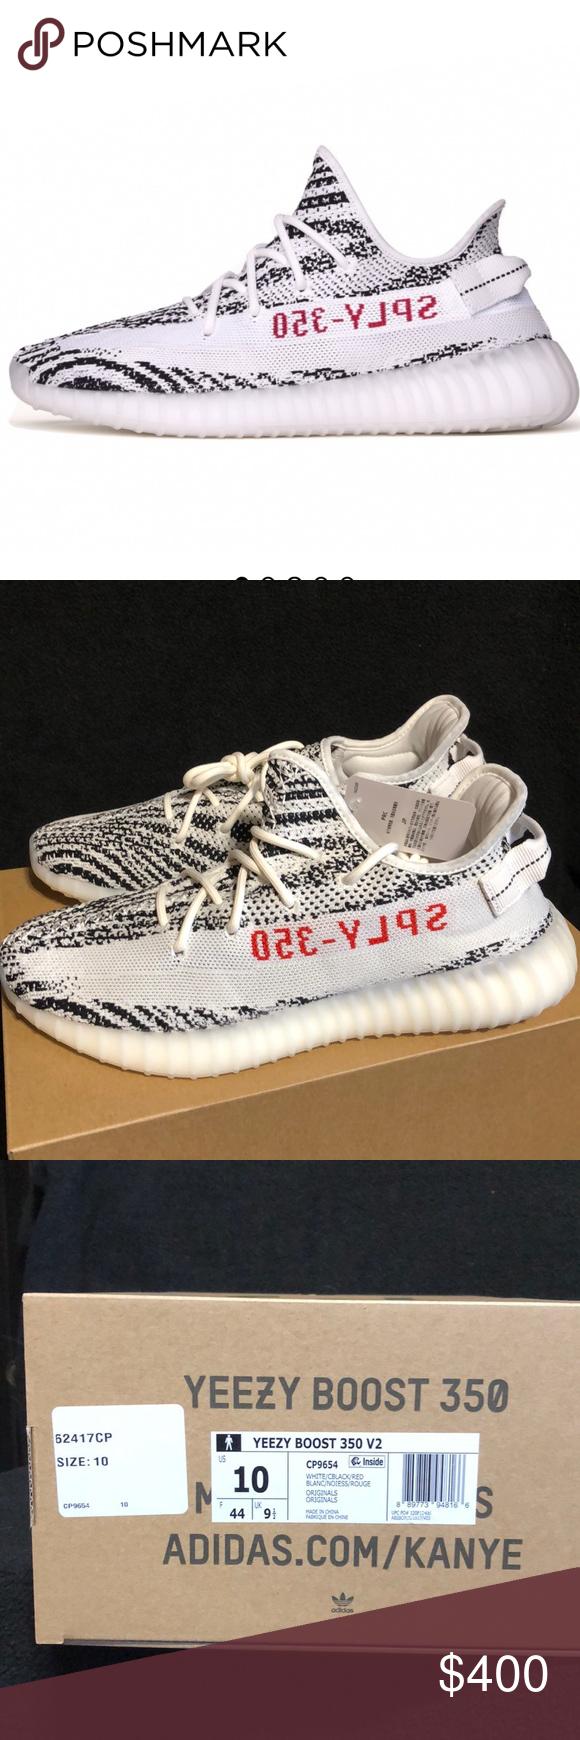 adidas yeezy sply 350 zebra